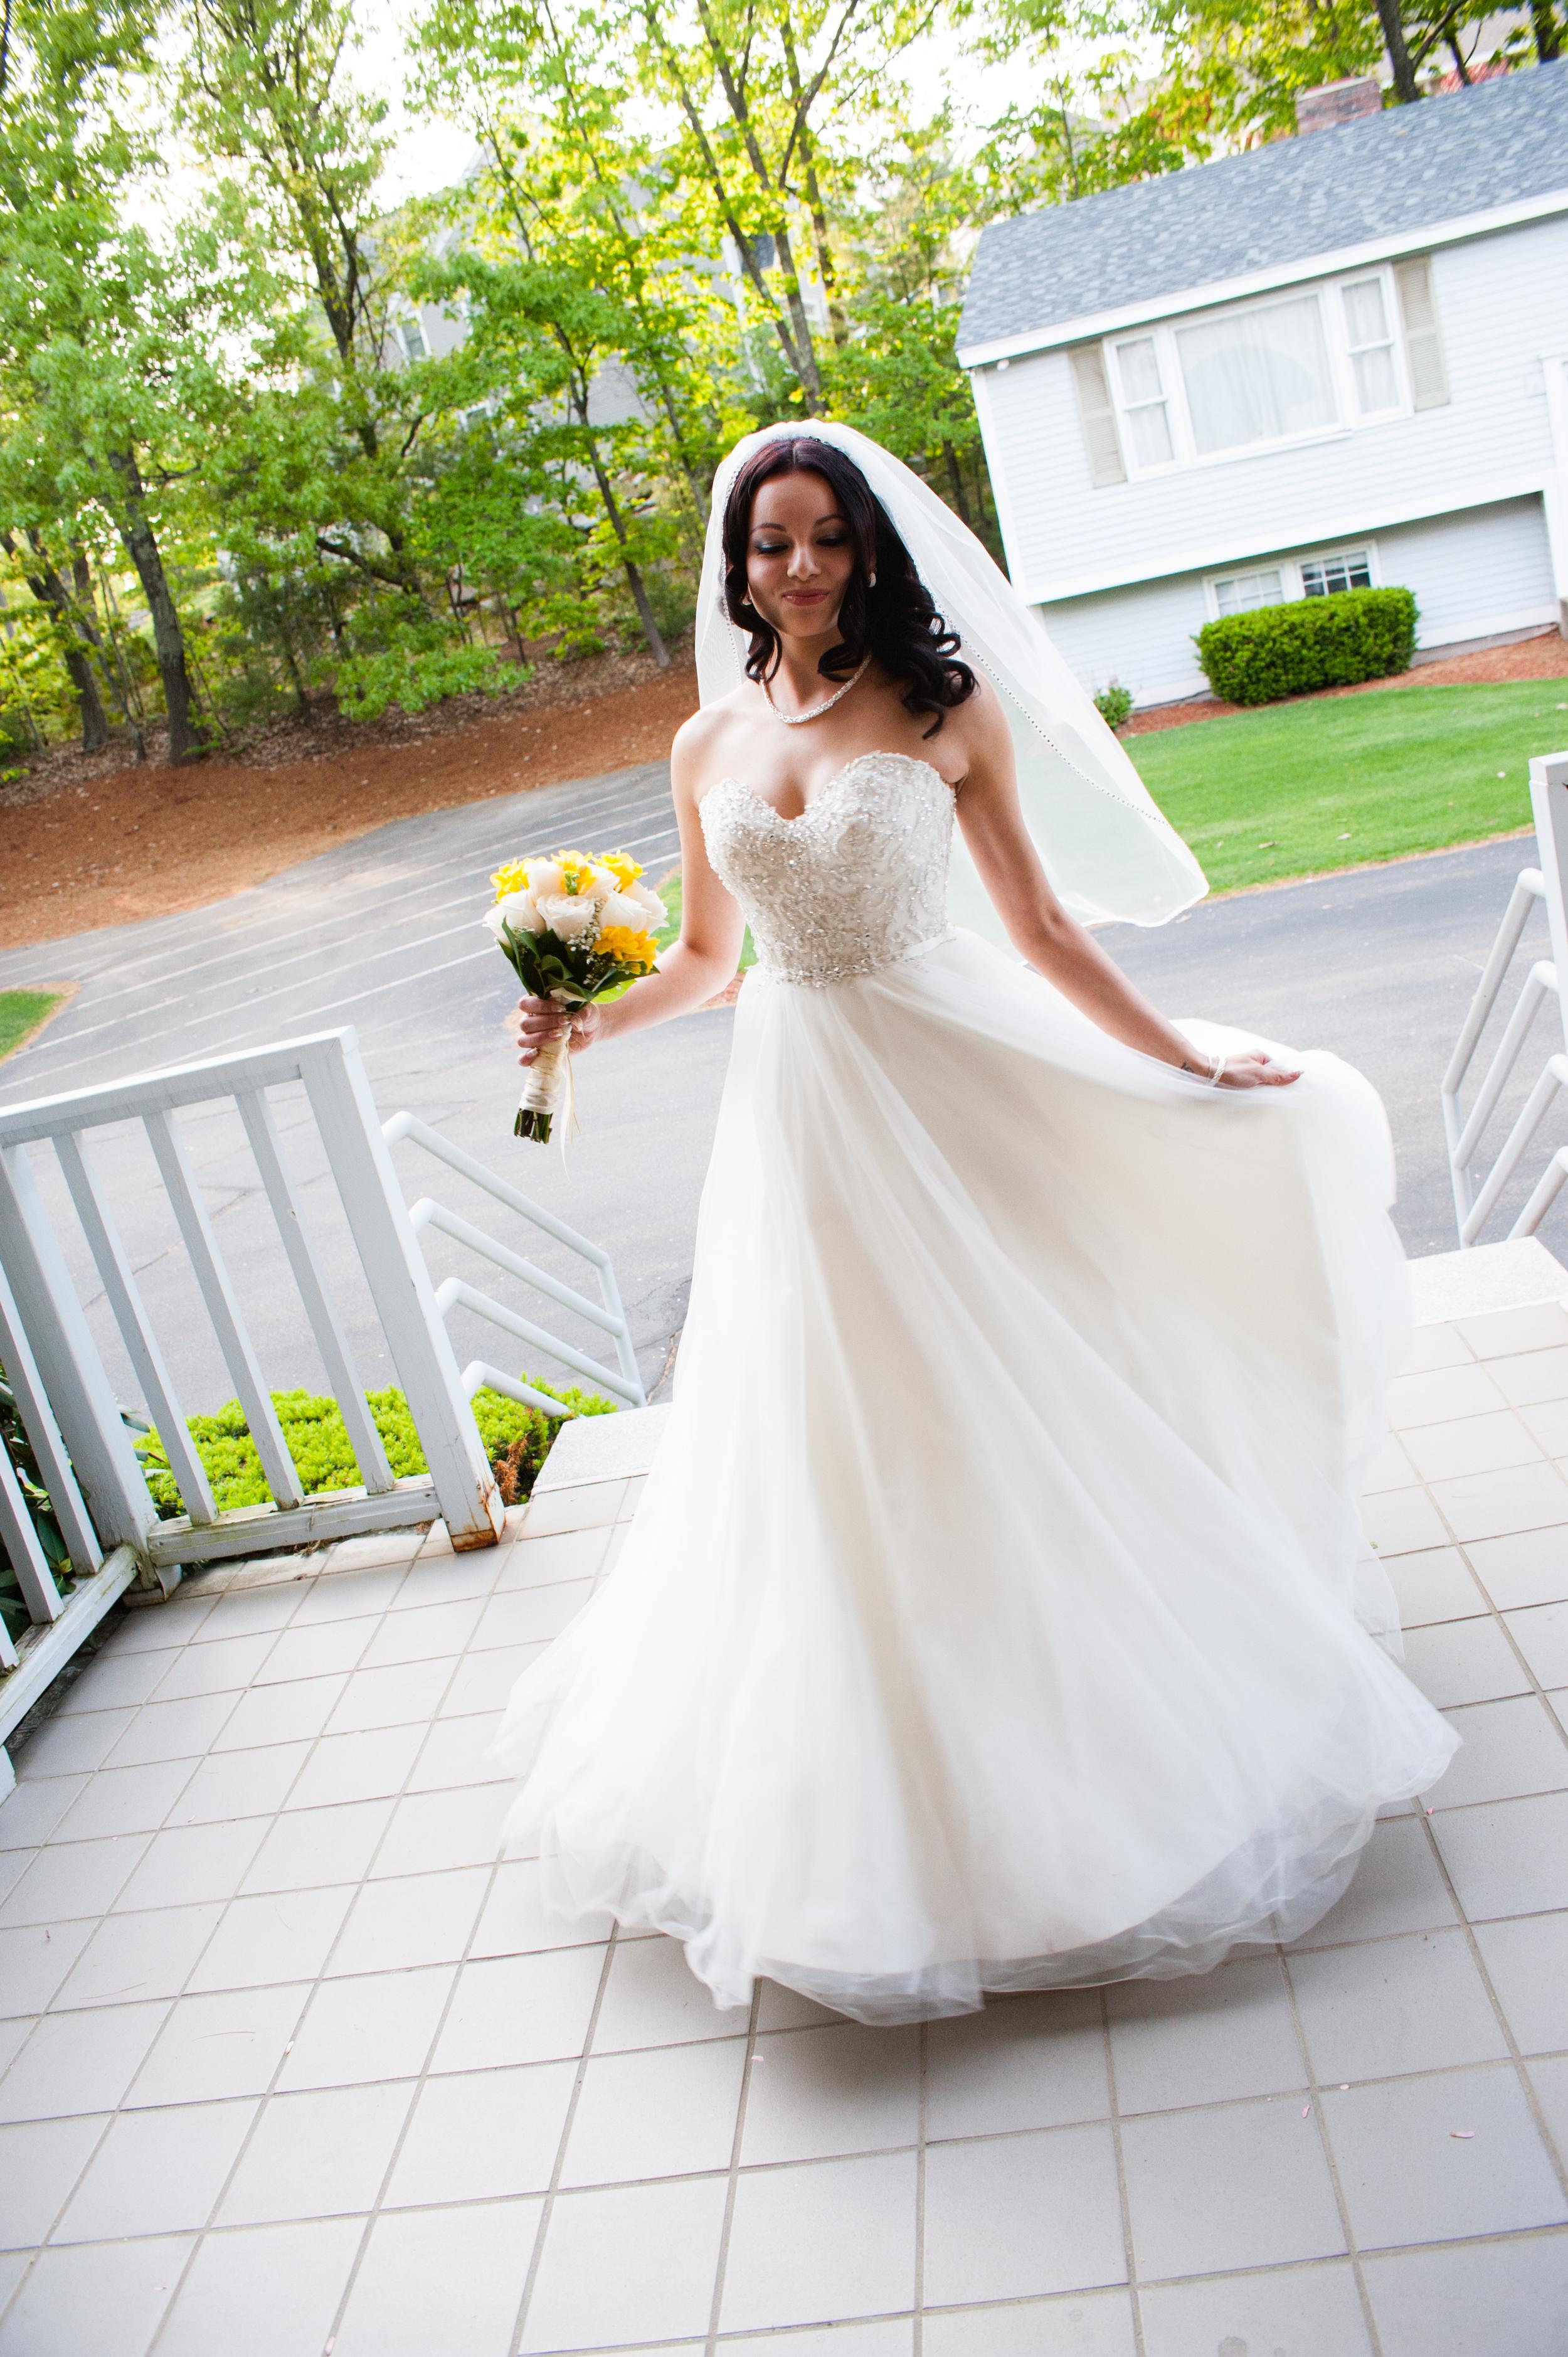 princessweddingdress